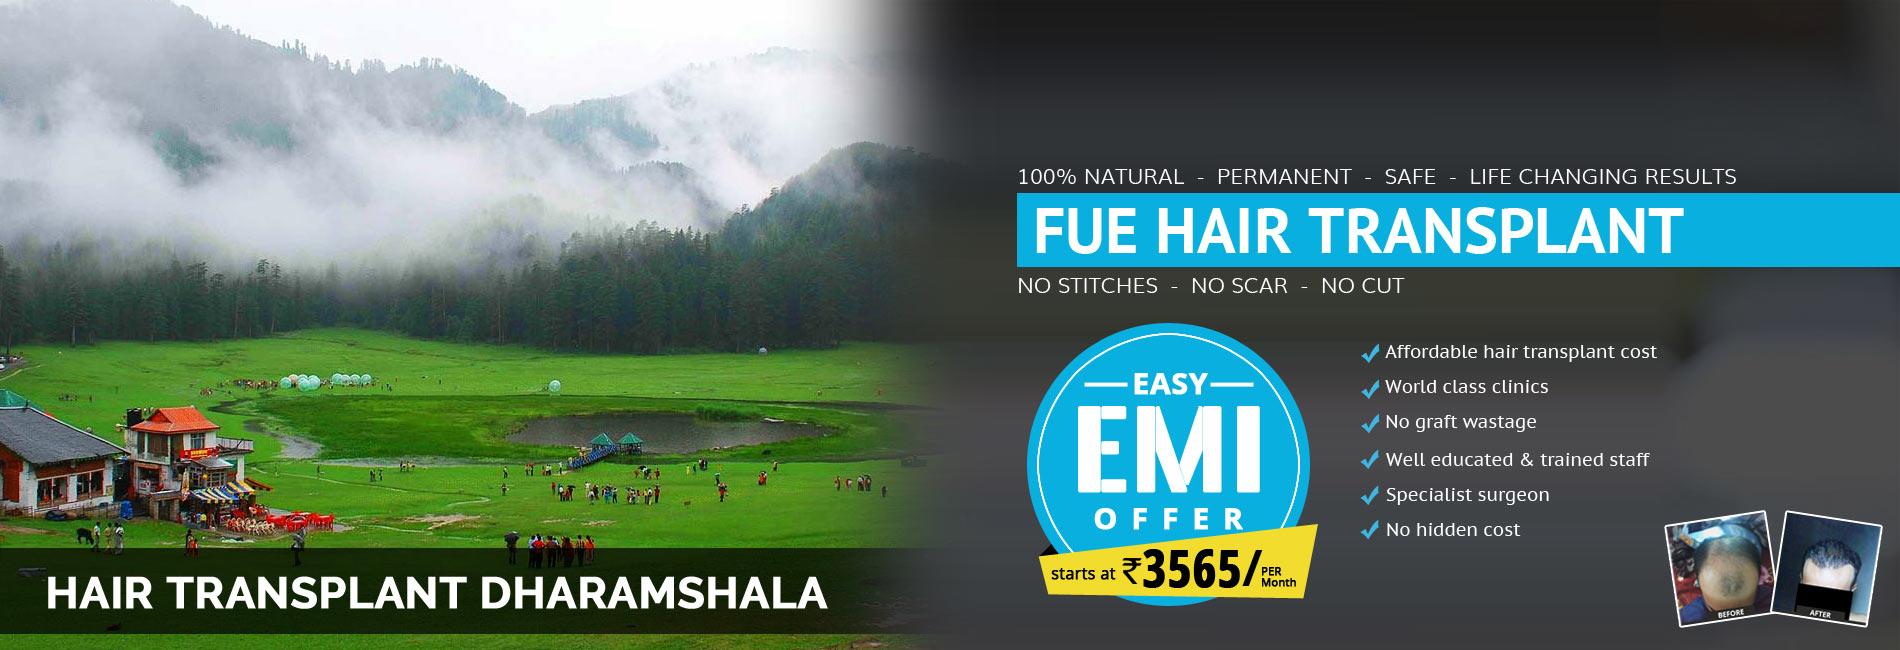 Hair Transplant Dharamshala